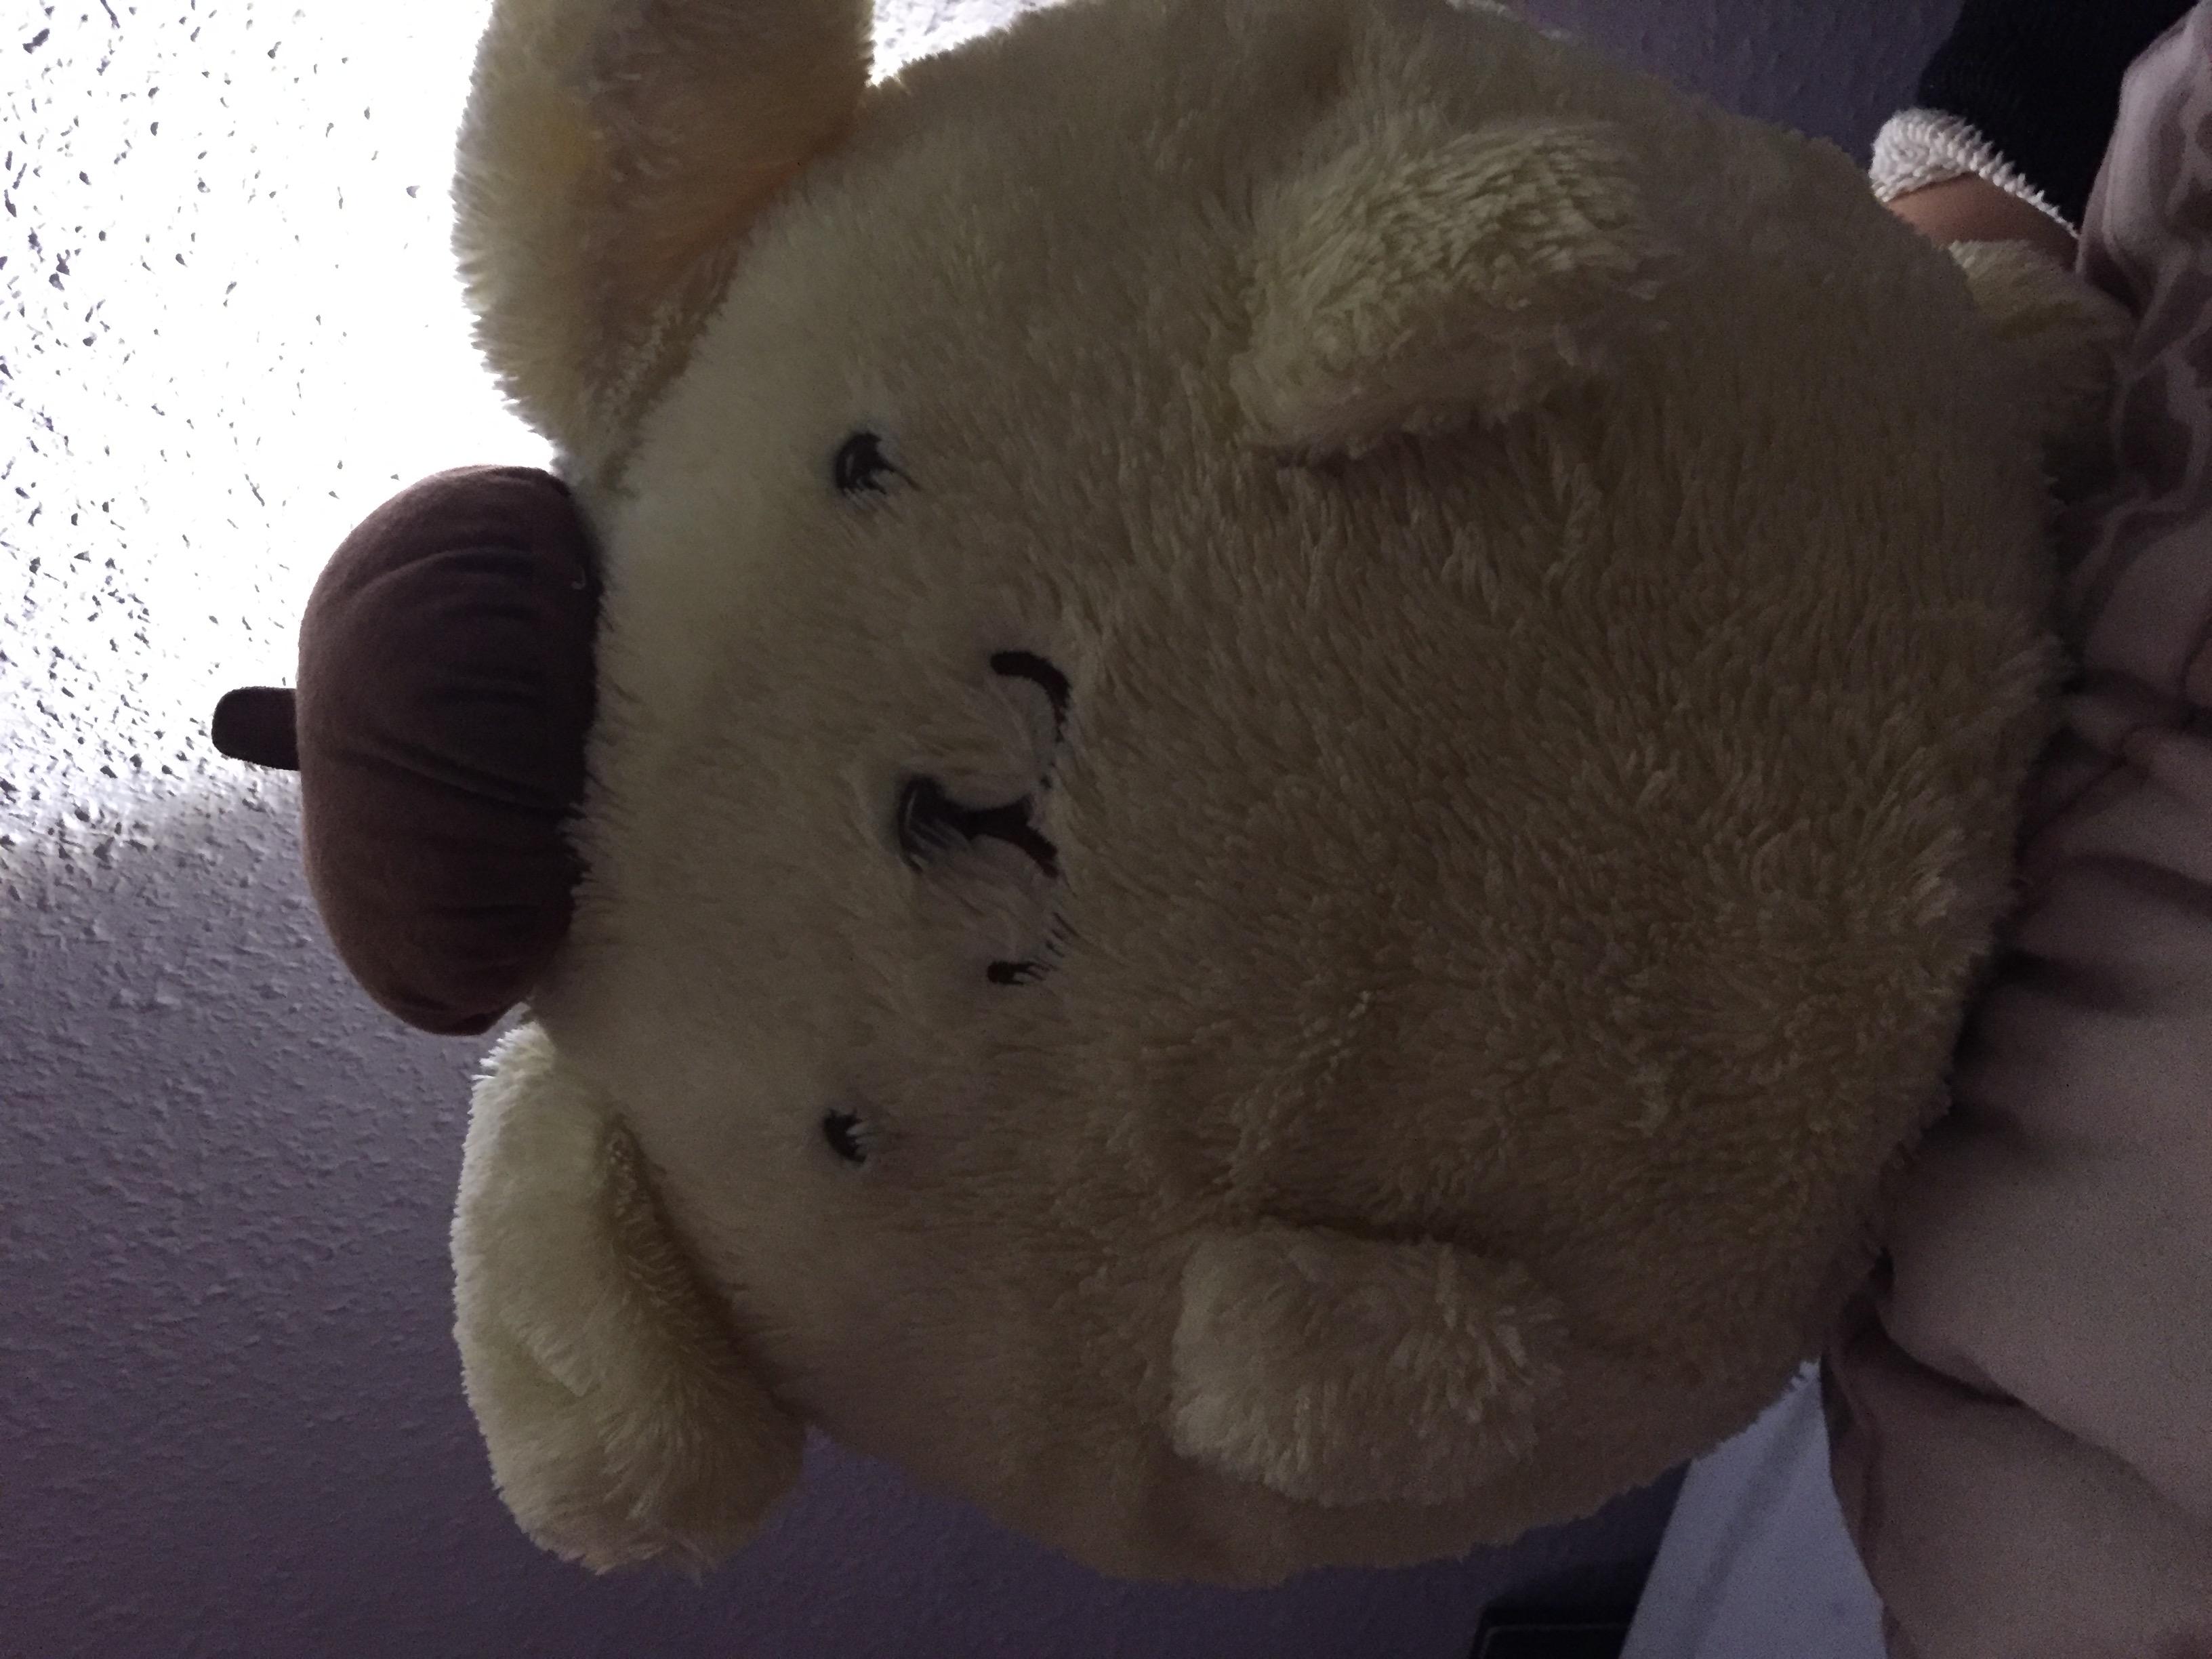 Wo kann ich dieses kuscheltier nachkaufen kaufen japan for Wo kann ich innenarchitektur studieren